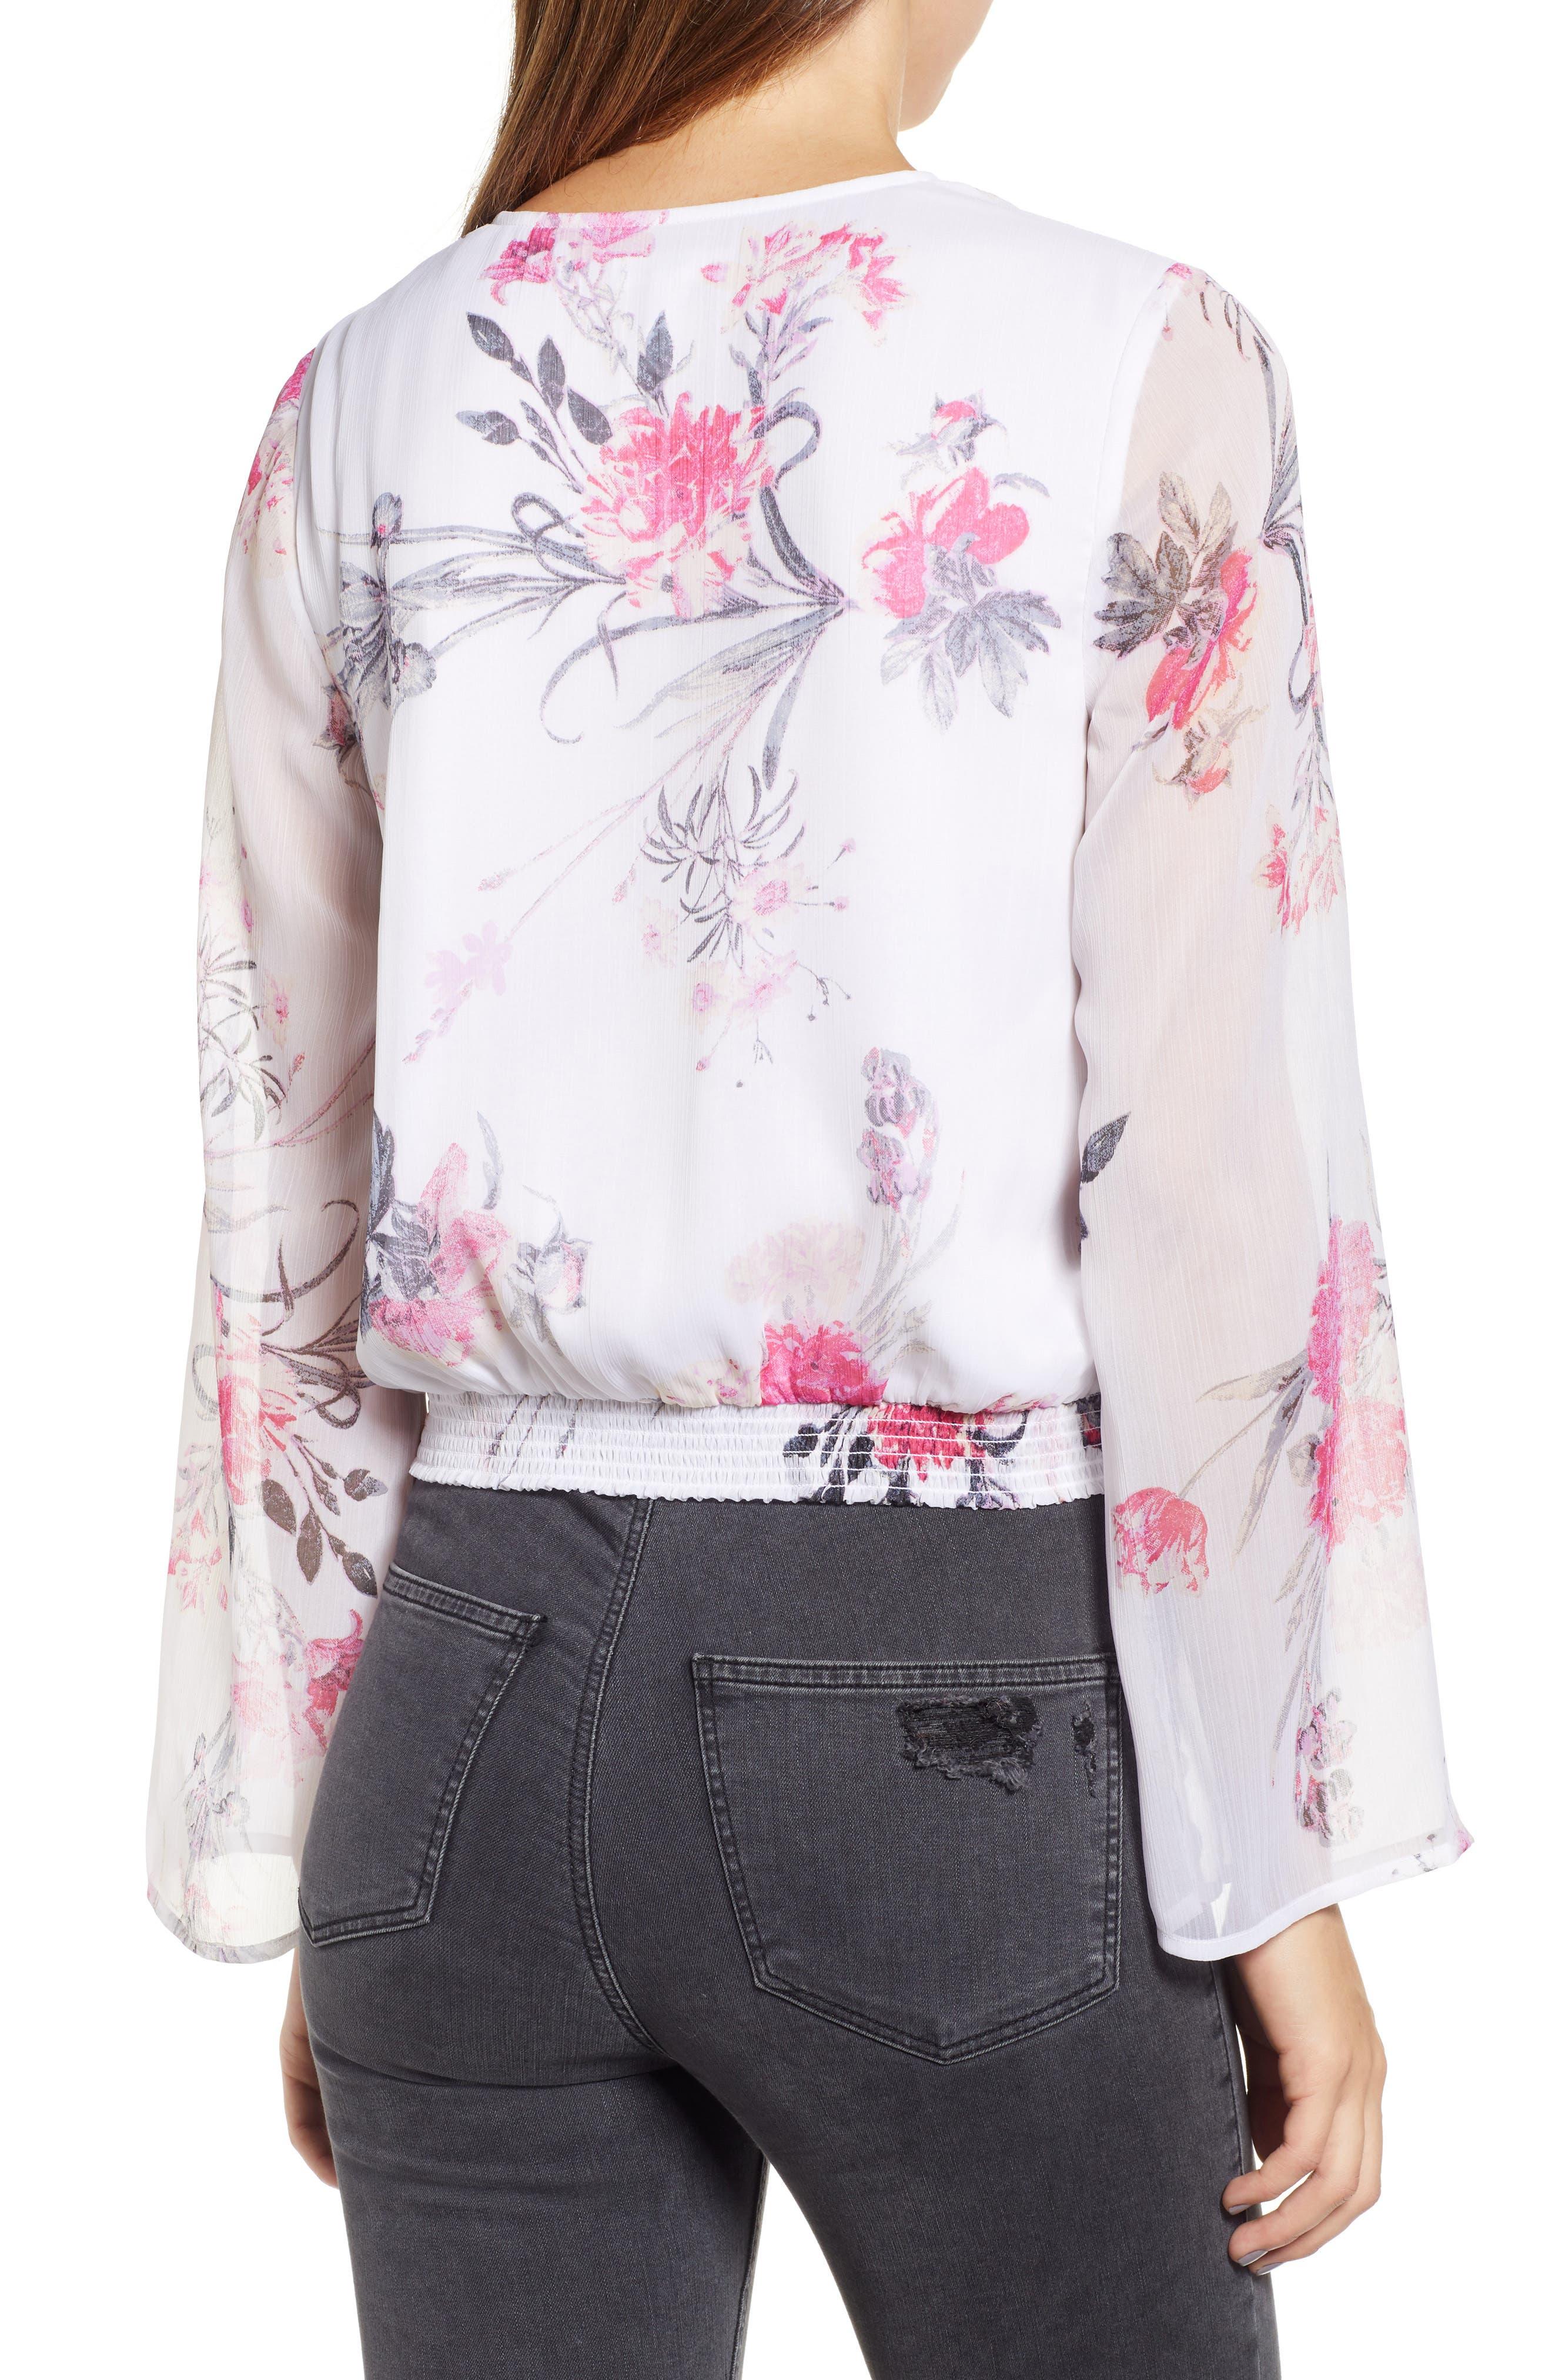 LEITH, Floral Faux Wrap Top, Alternate thumbnail 2, color, WHITE ROMANTIC BLOOMS